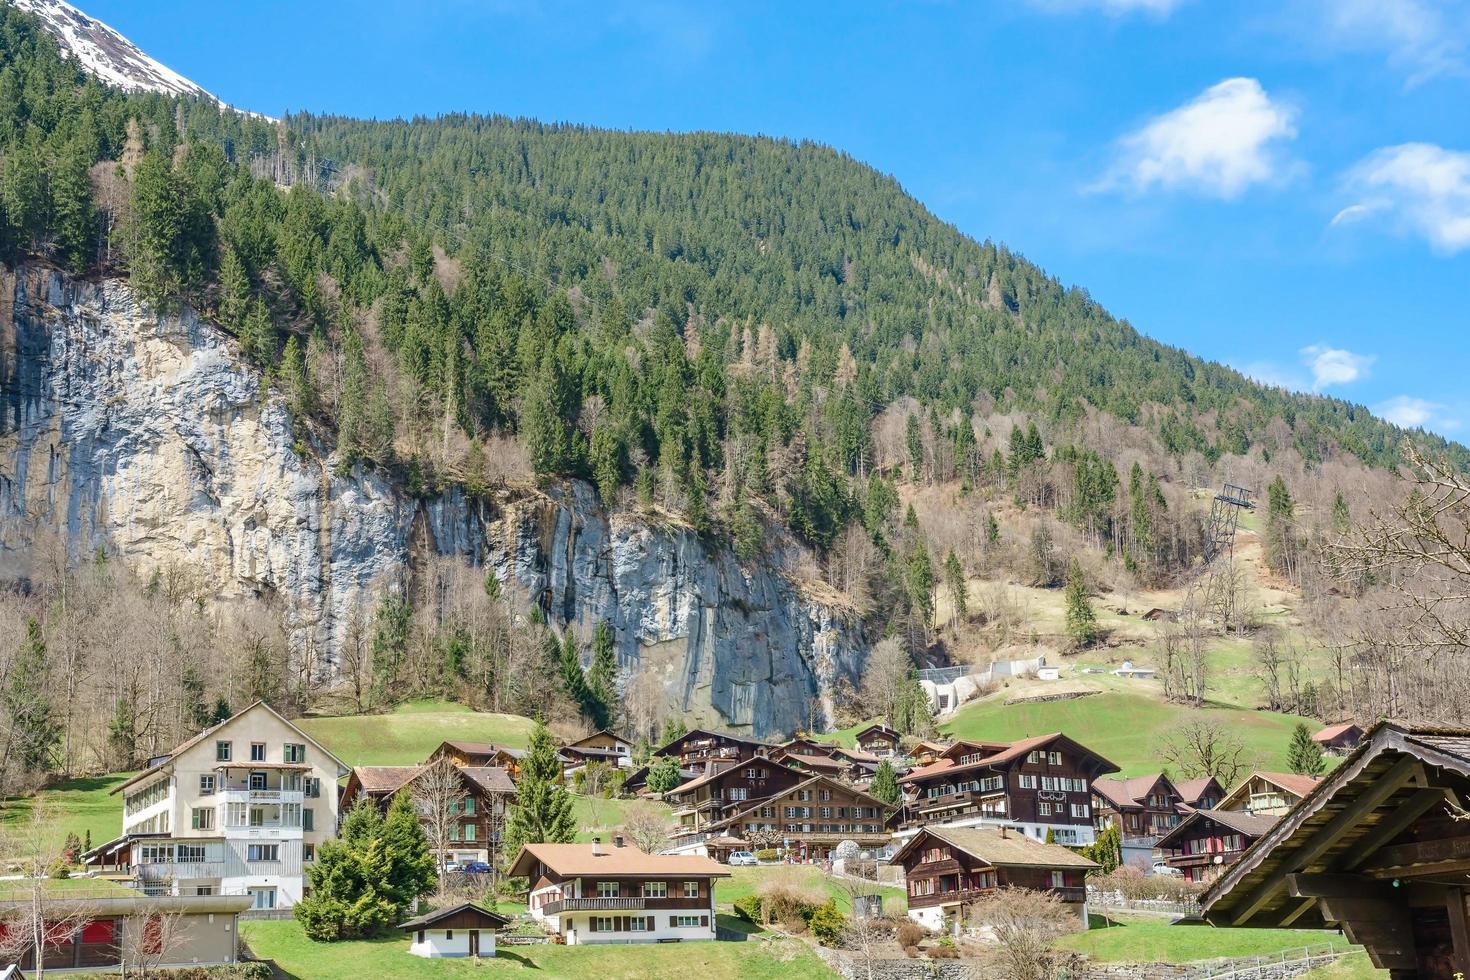 traditionelle chalets im lauterbrunnental, berner oberland, schweiz foto